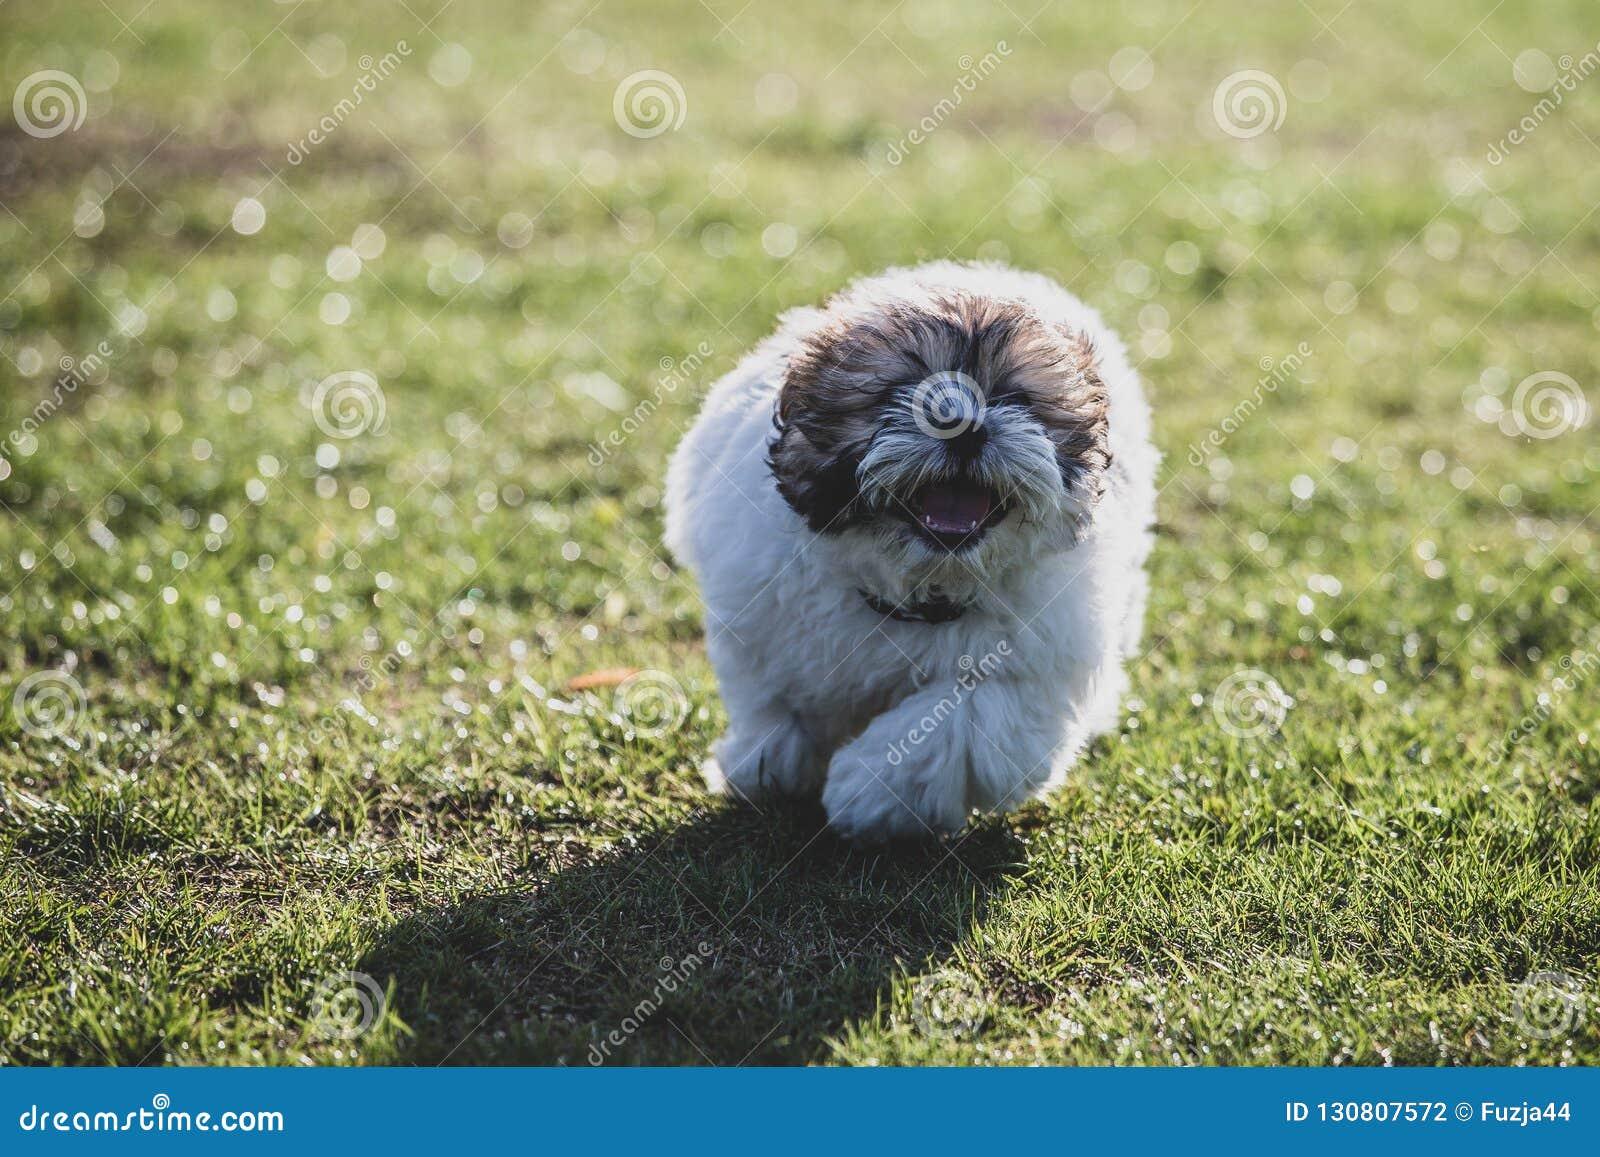 Shitzu puppy running in the park